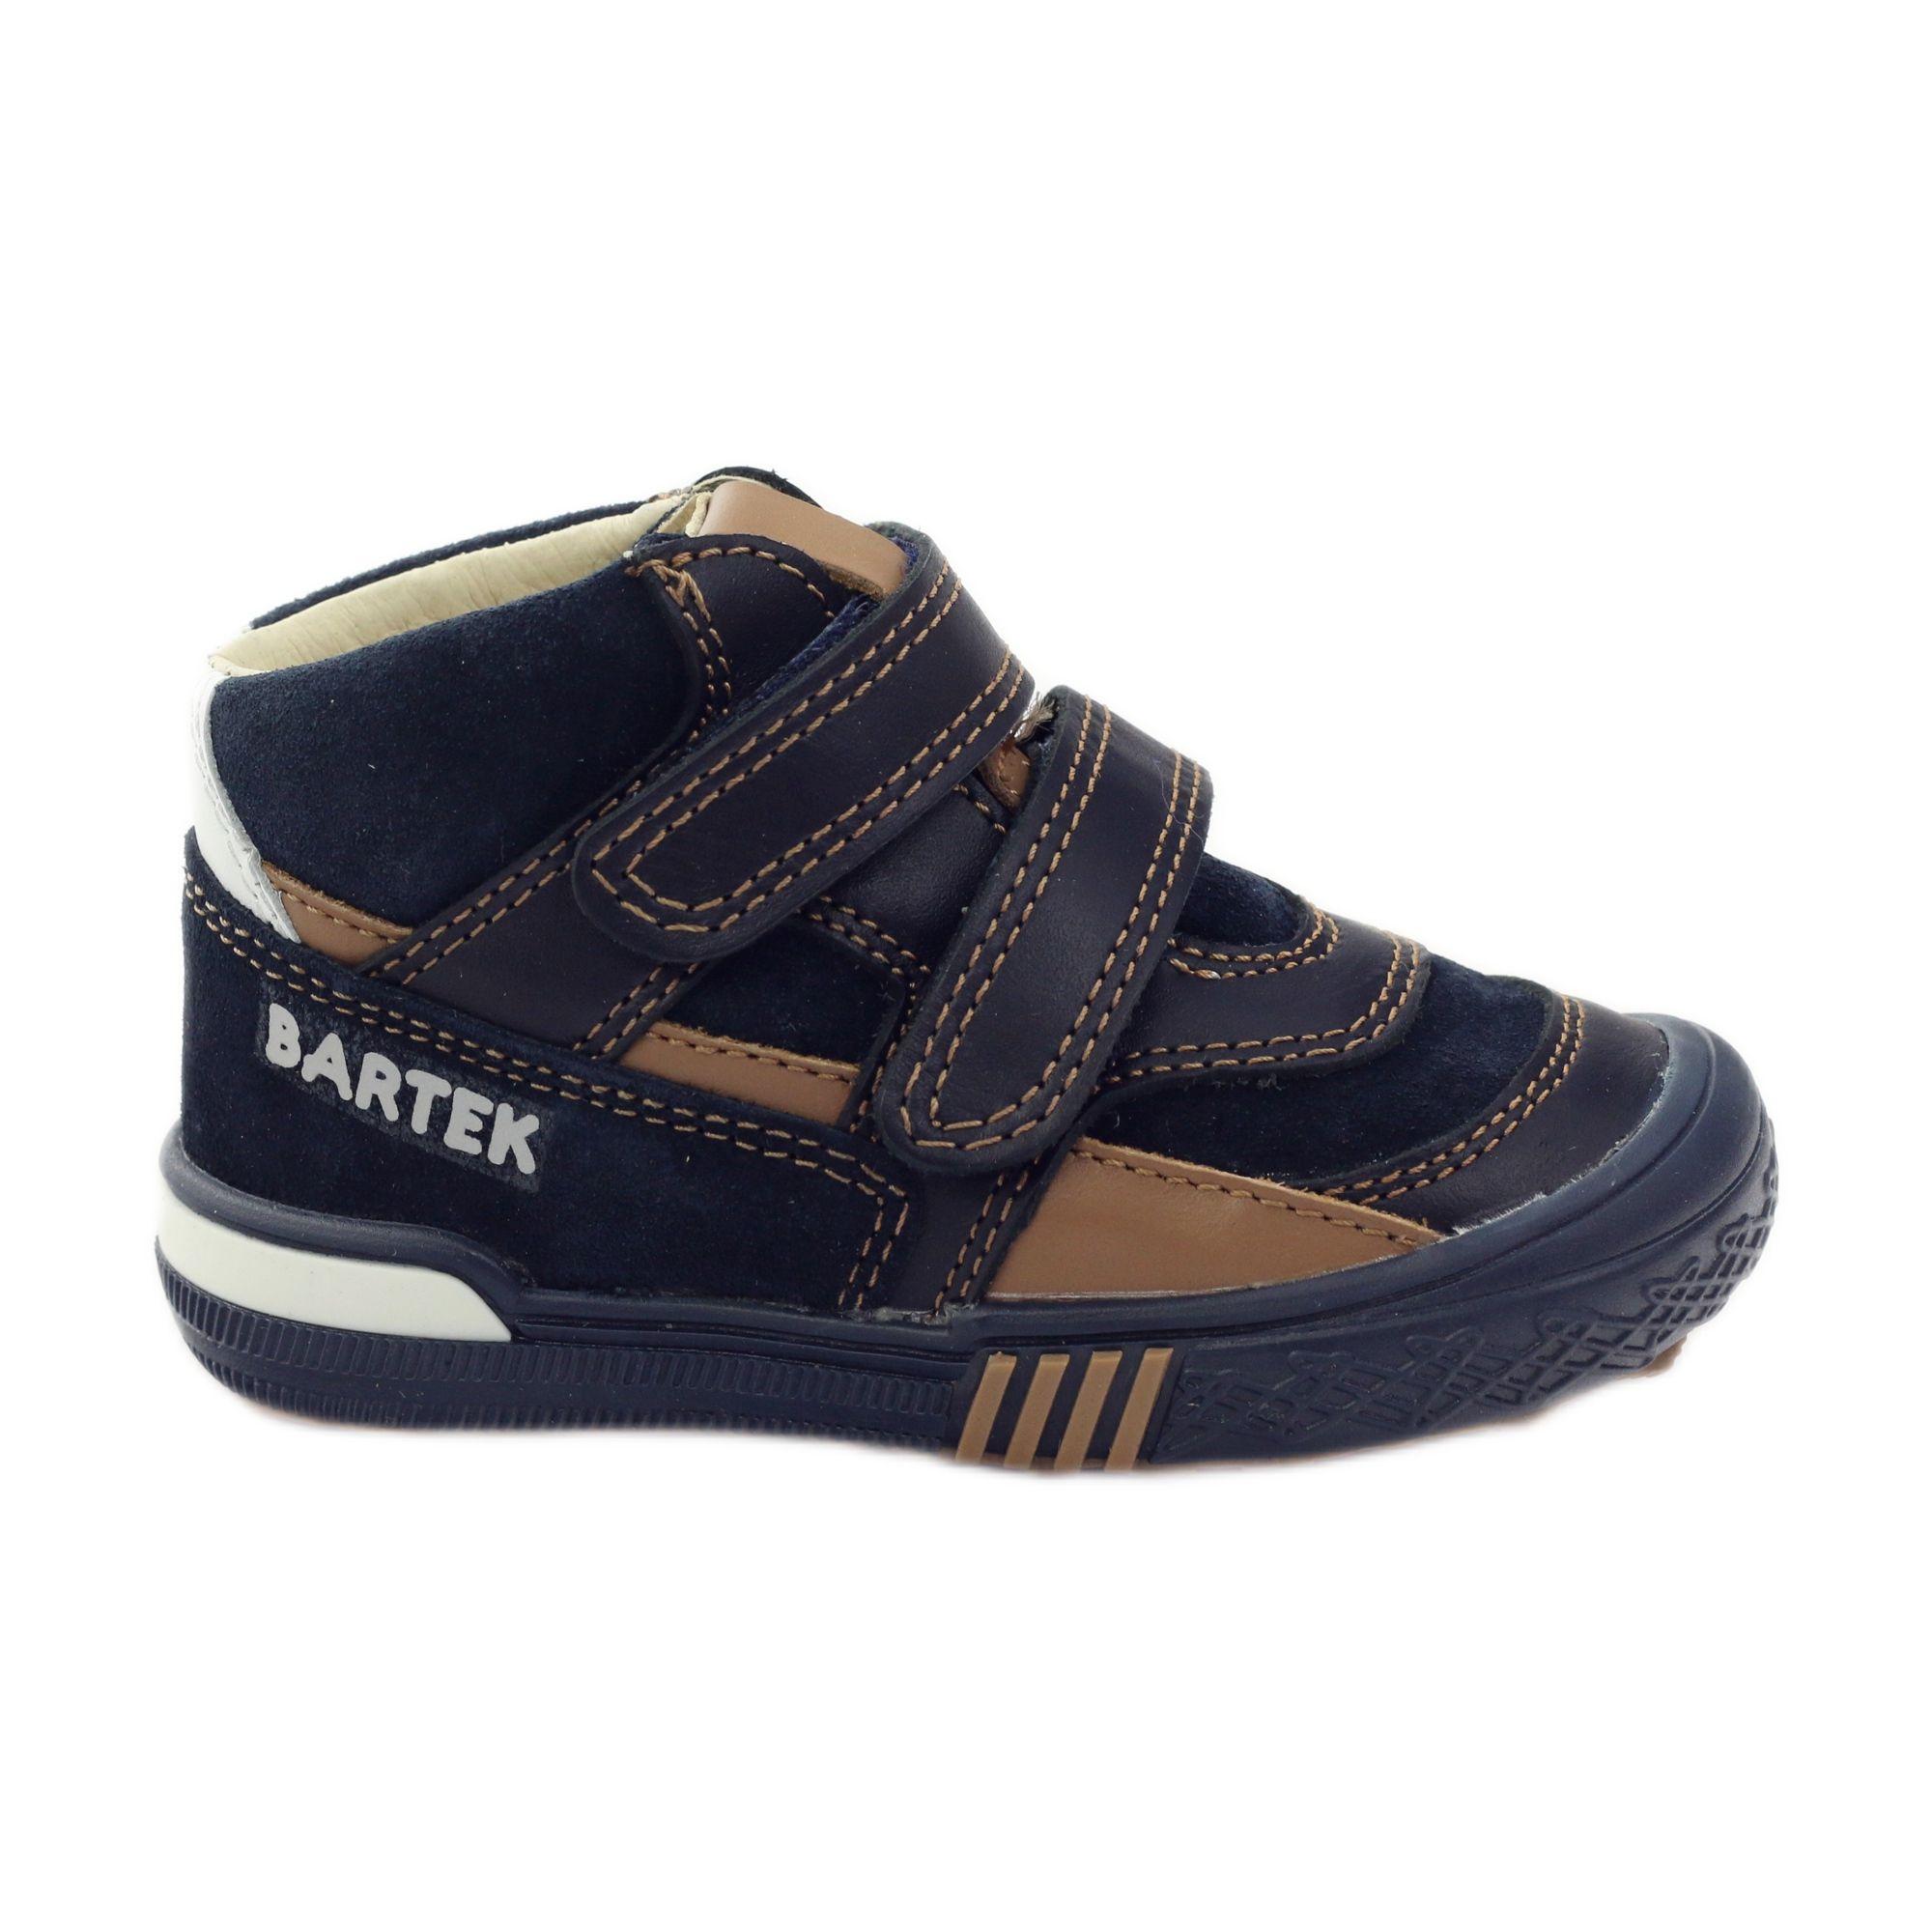 Polbuty I Trzewiki Dzieciece Dla Dzieci Bartek Granatowe Brazowe Biale Trzewiki Profilaktyczne Bartek 91756 Childrens Boots Childrens Shoes Kid Shoes